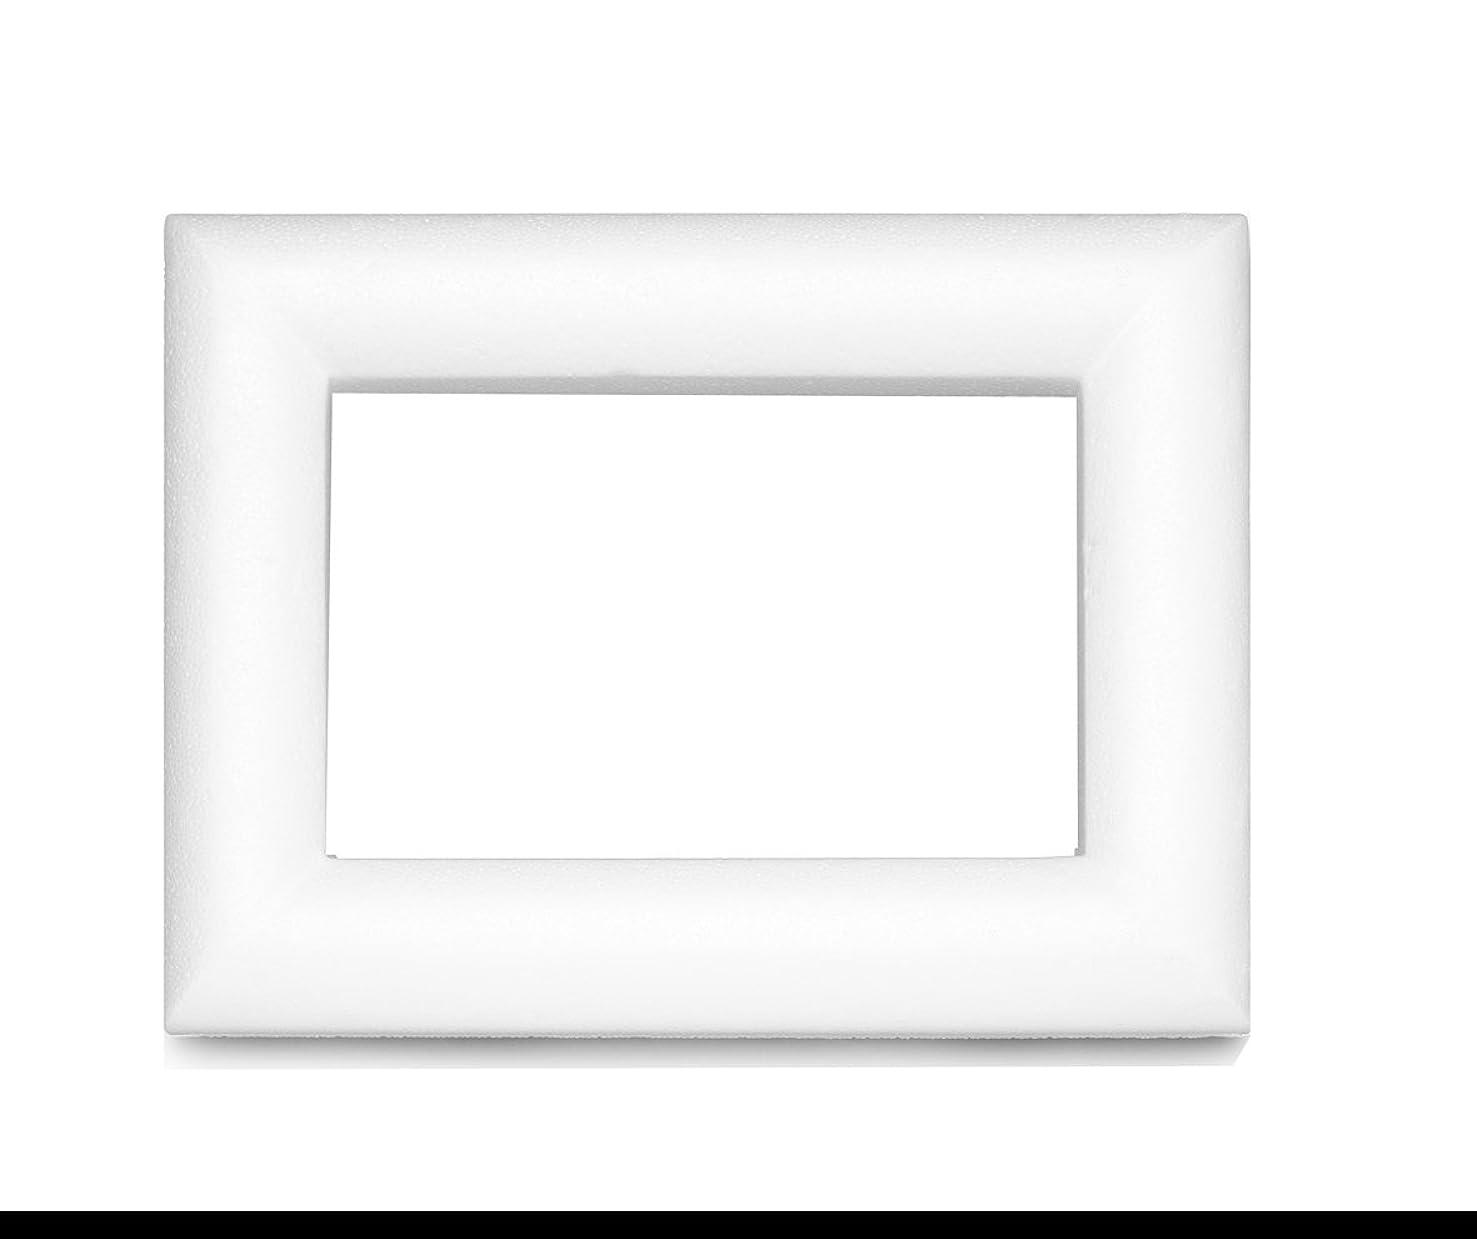 Glorex 3803?866?6?Styrofoam Polystyrene Foam Frame White 23?x 16?x 2?cm